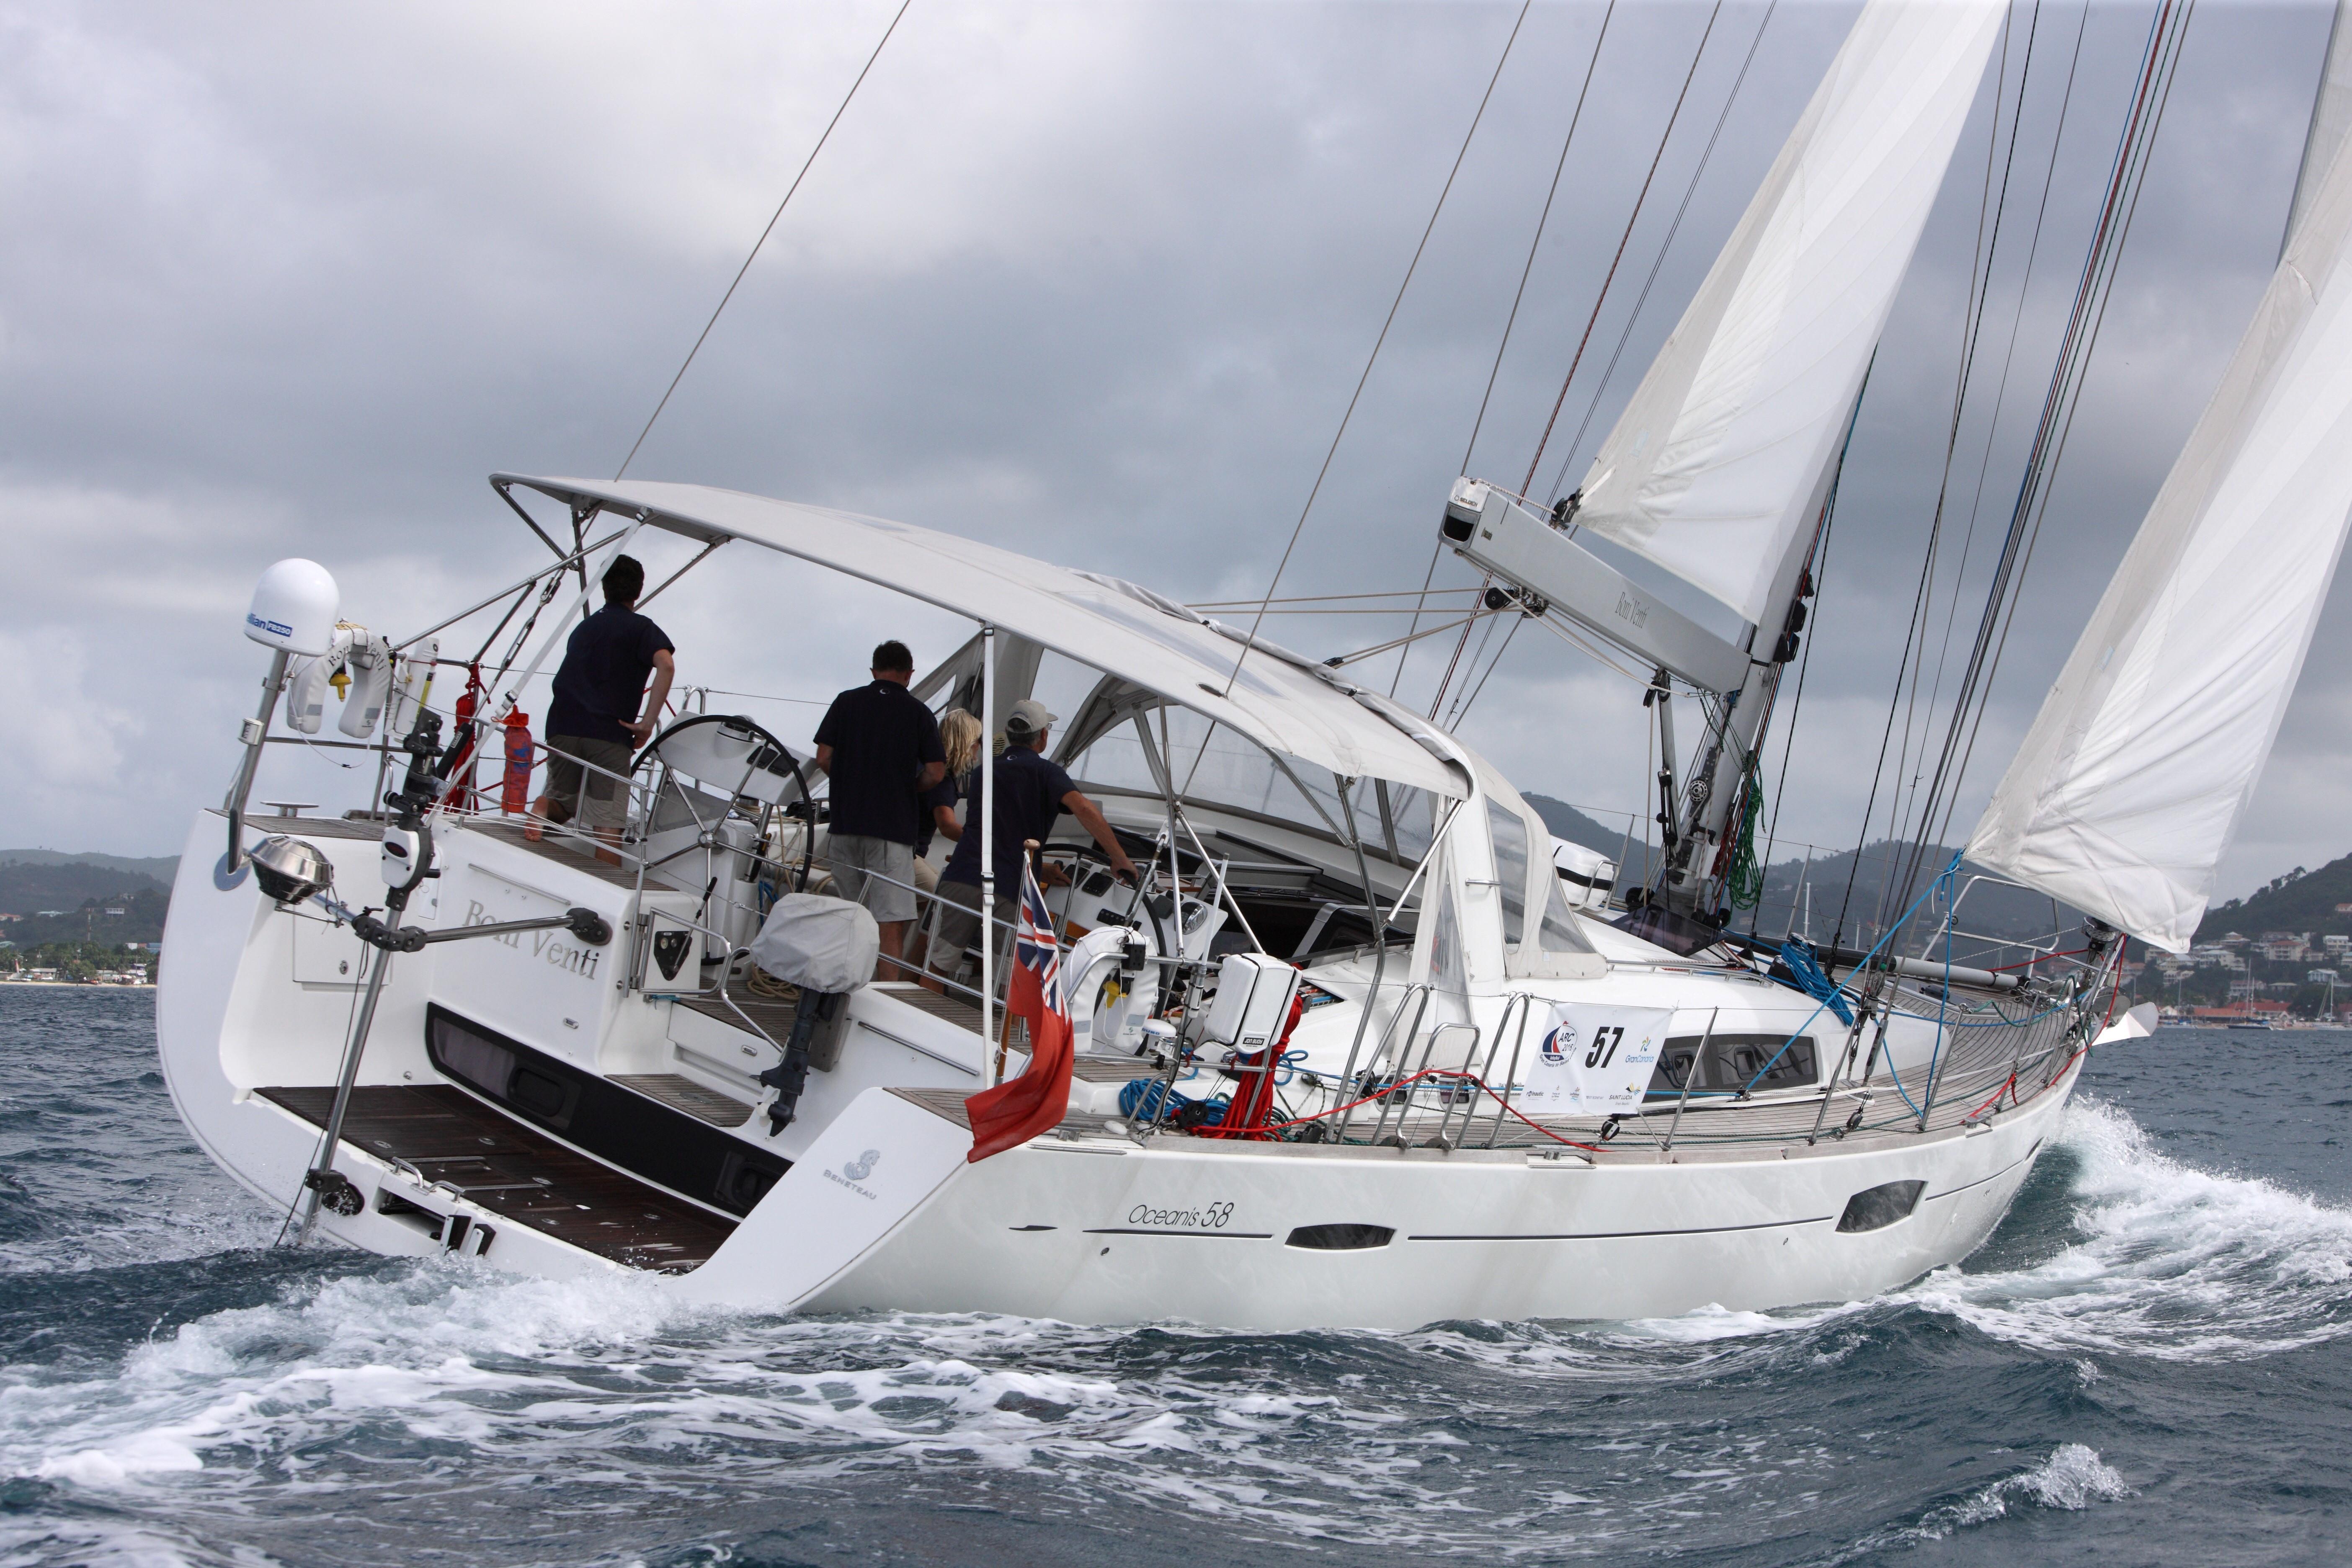 Beneteau Oceanis 58 Beneteau Oceanis 58 for sale